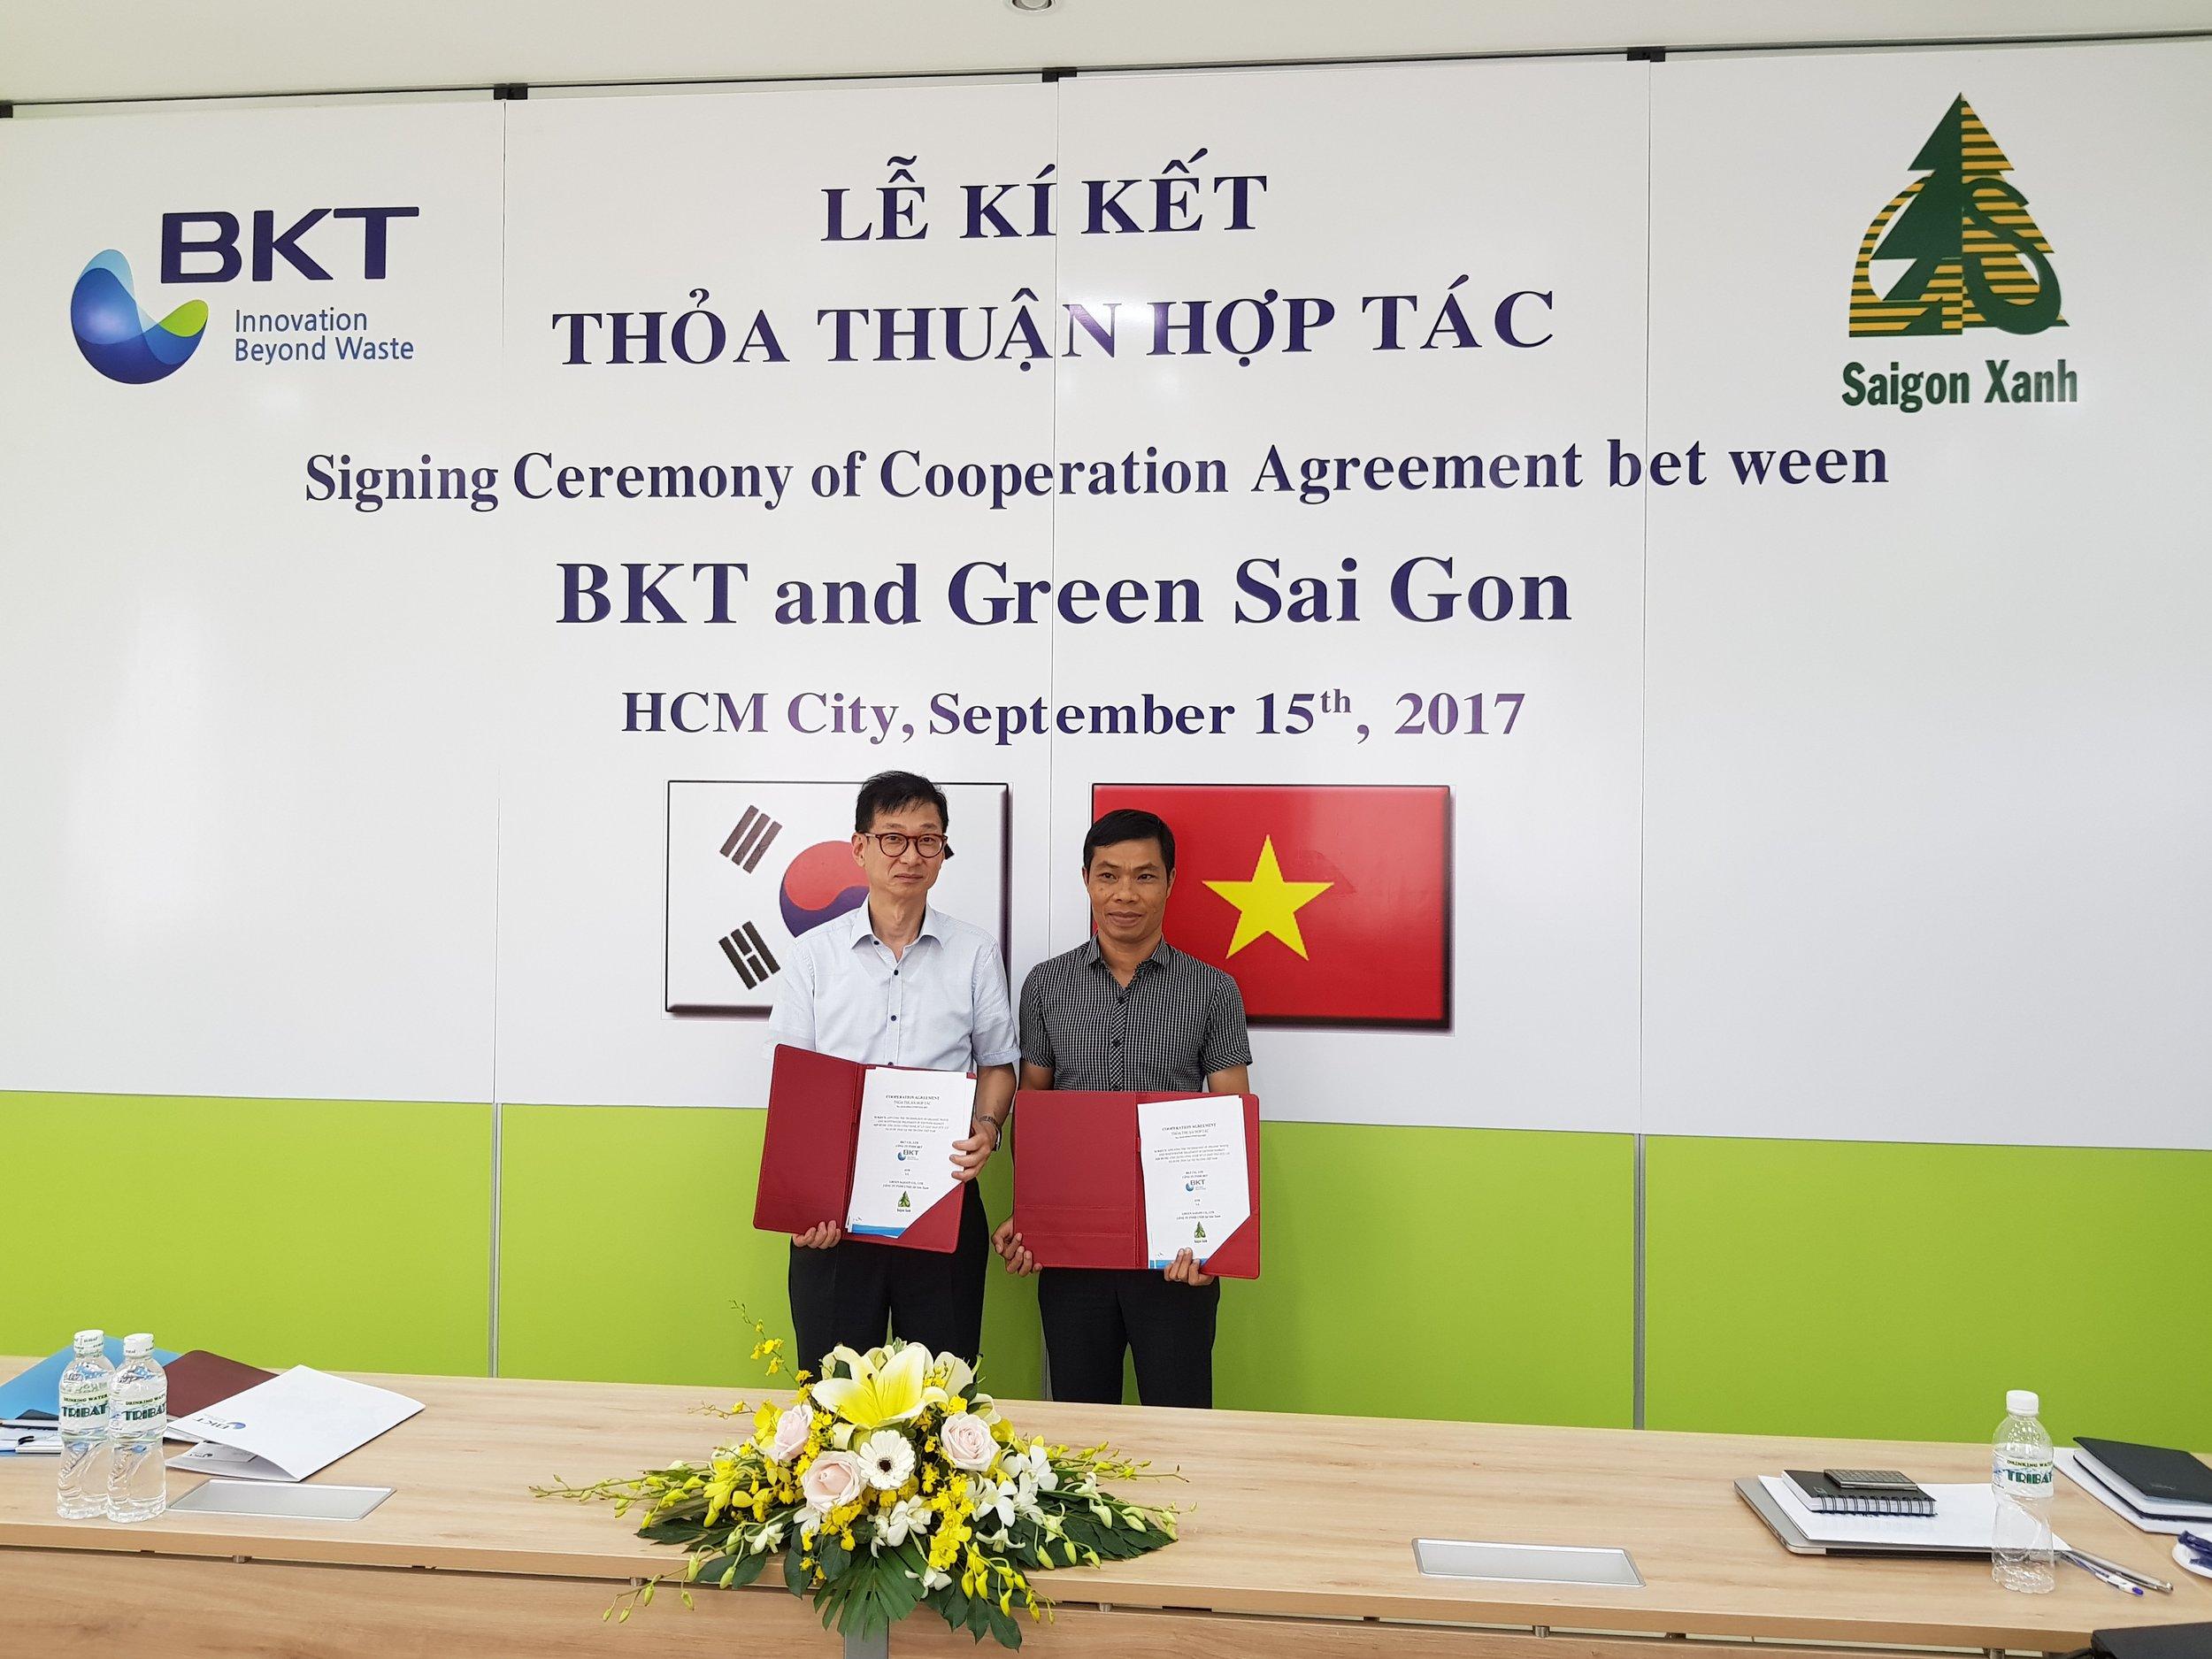 Green Saigon과 MOU 체결